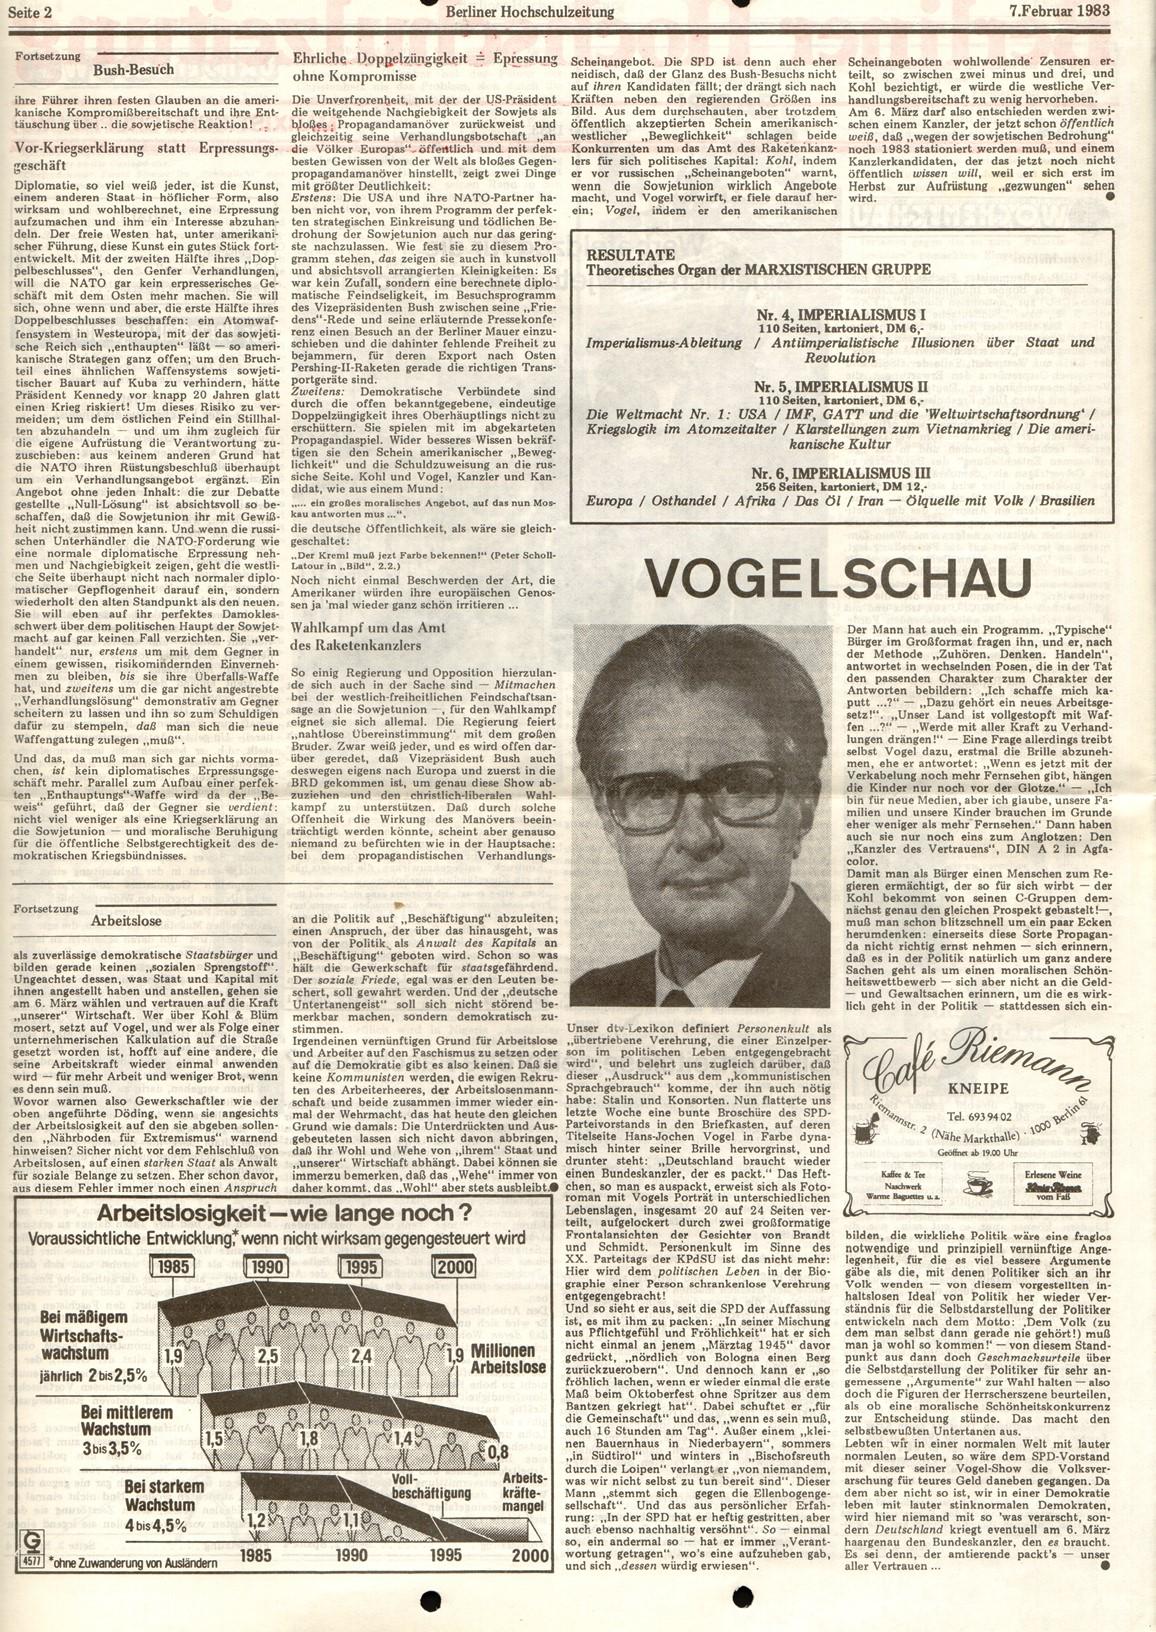 Berlin_MG_Hochschulzeitung_19830207_02